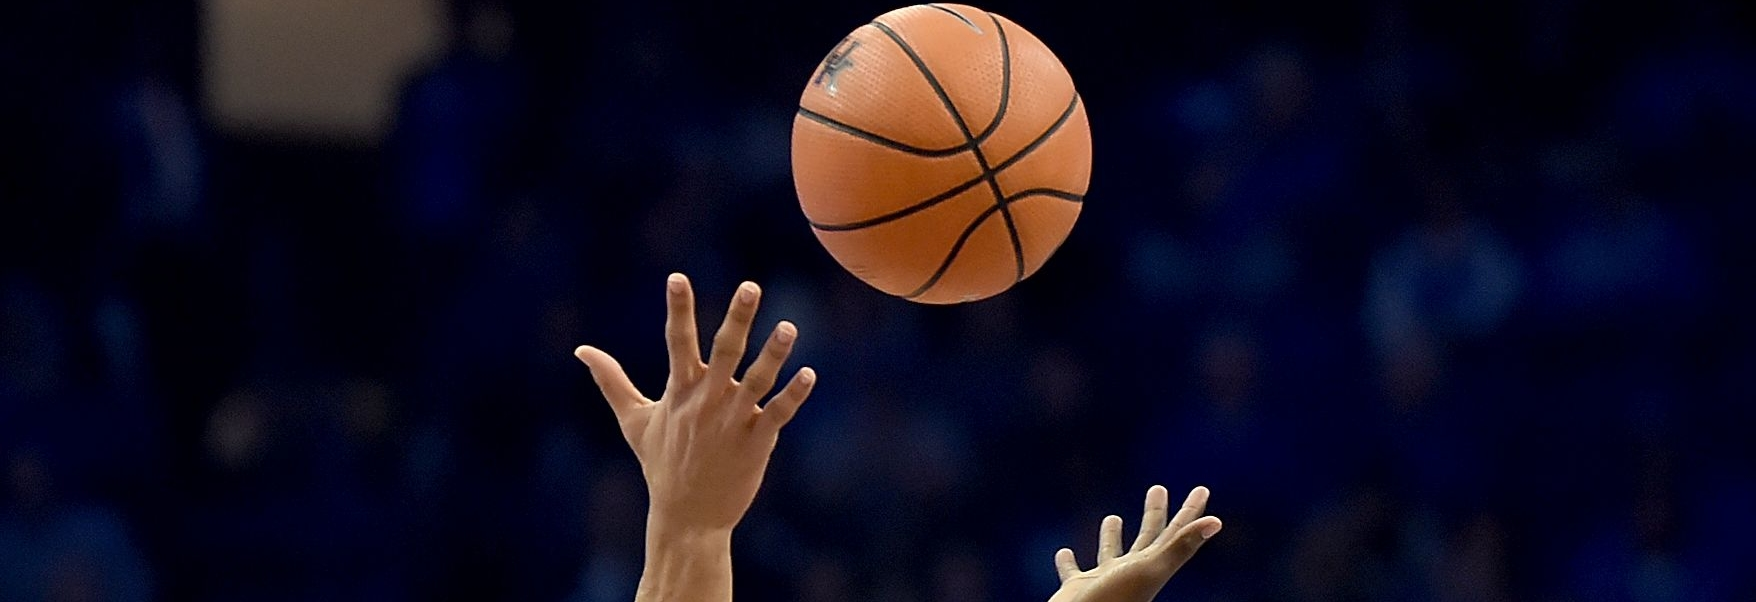 Pronostici NBA playoff: Raptors-Celtics e Clippers-Nuggets in parità, i consigli per le partite del 7 settembre